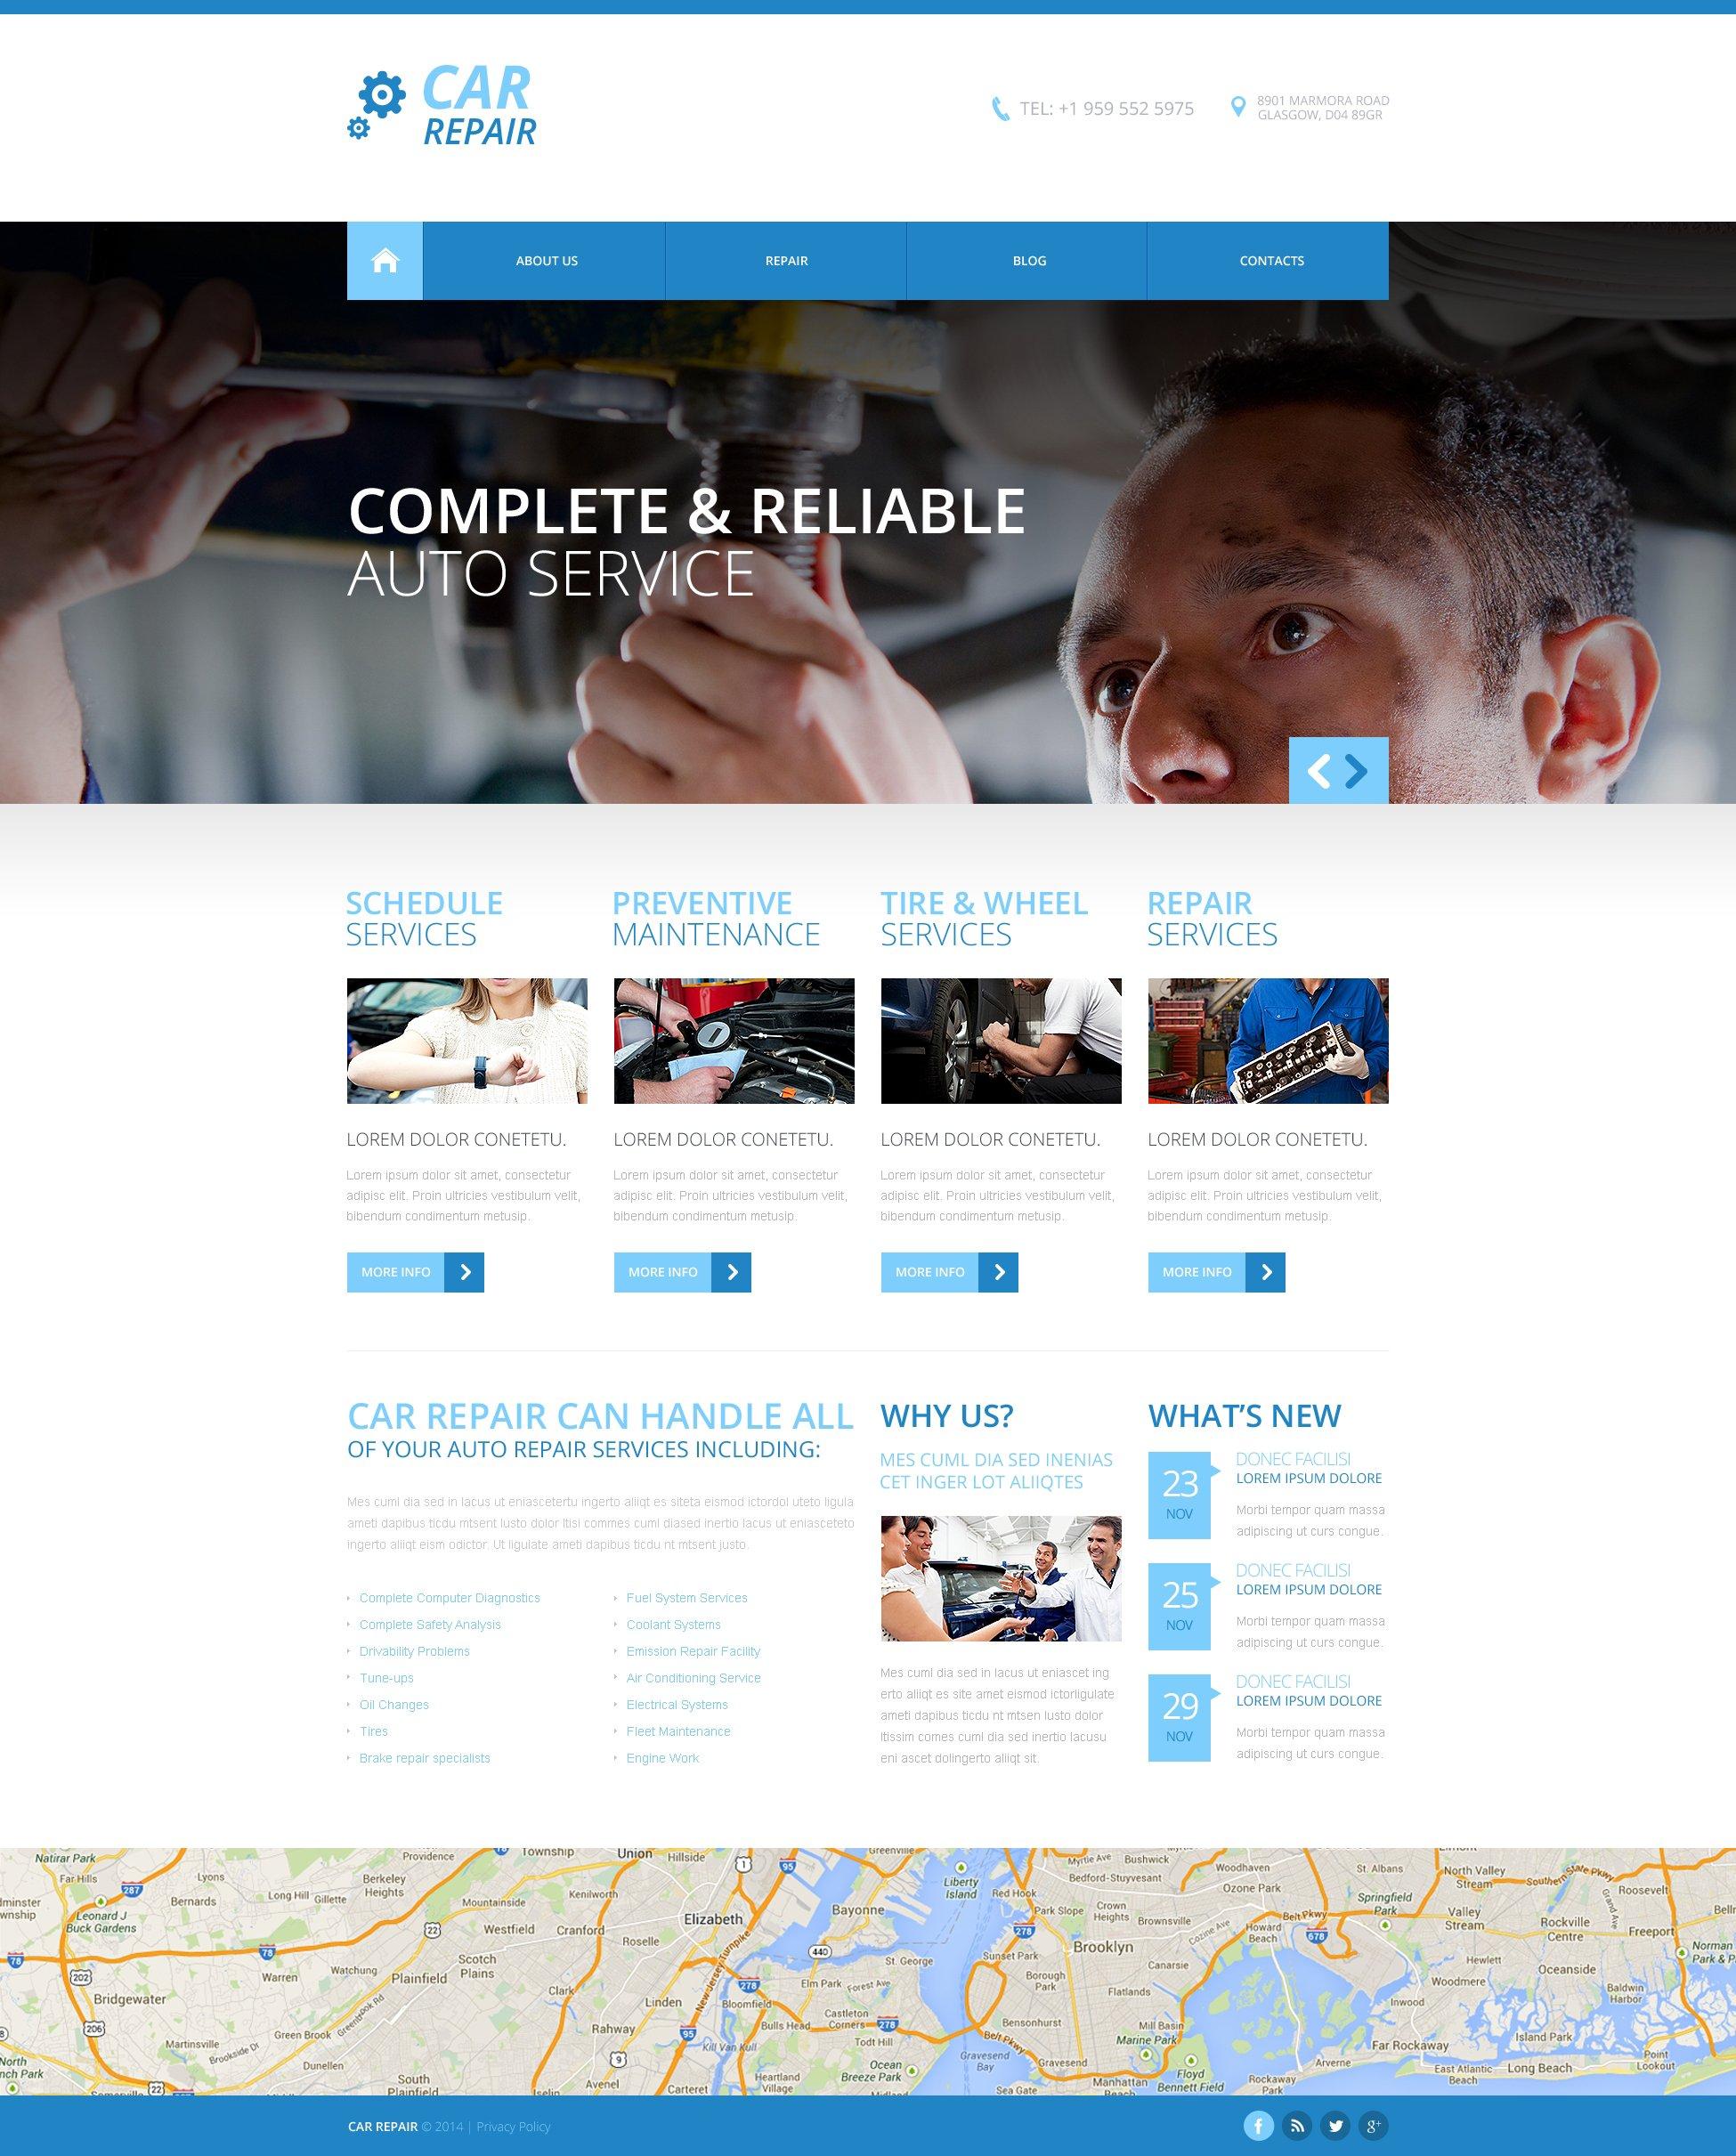 Modèle Web adaptatif pour site de réparation de voitures #48731 - screenshot